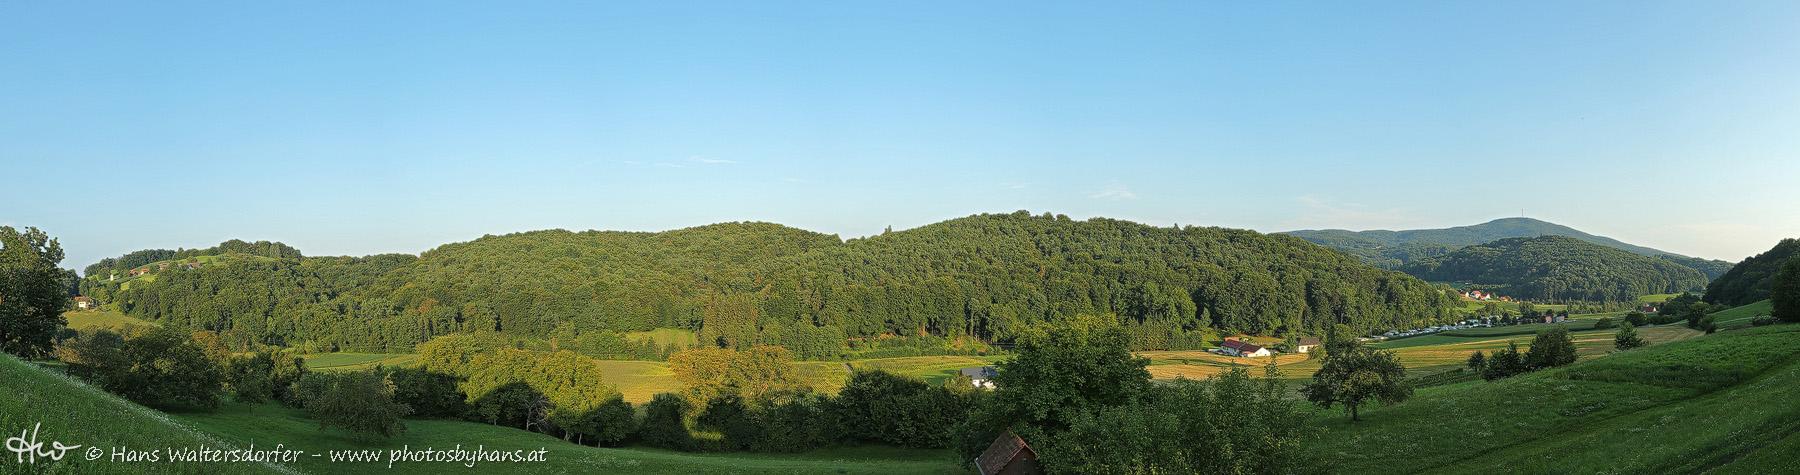 Horizont meiner Kindheit: Blick von der Kohleiten über den Tannichgraben, rechts hinten der Stradner Kogel. Nur den Campingplatz gab es in meiner Kindheit noch nicht.